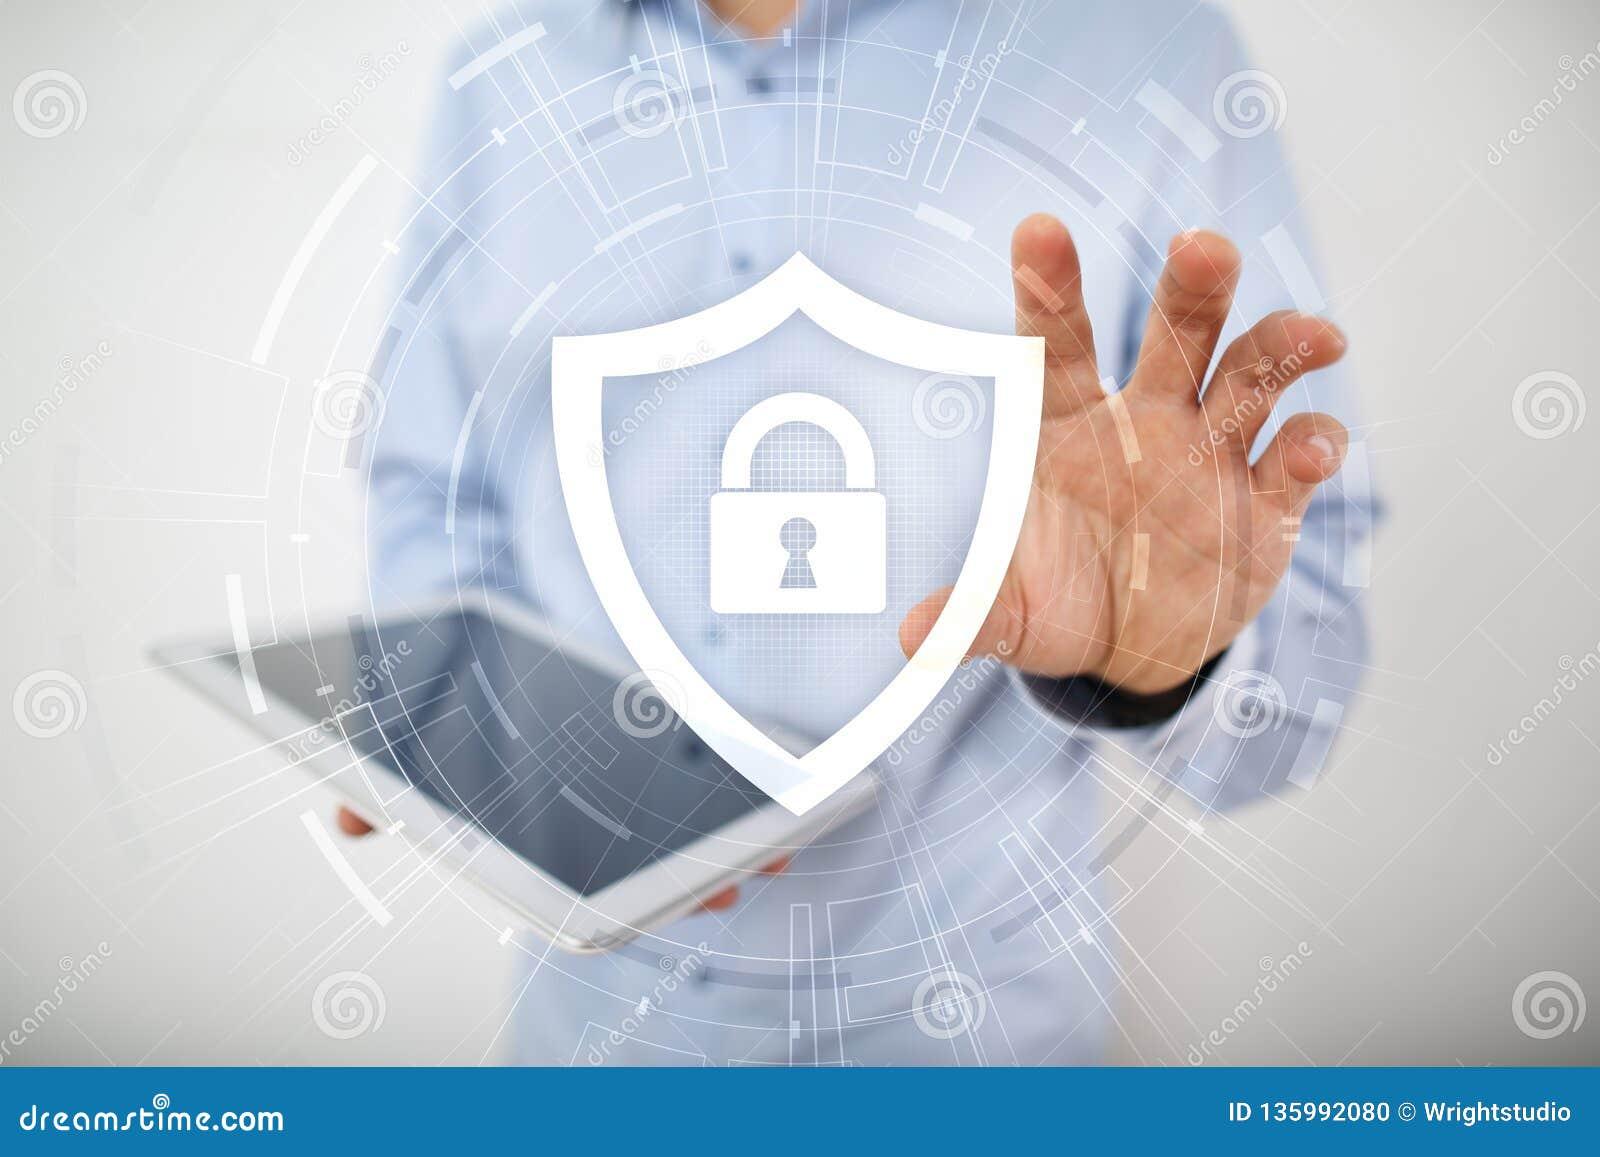 数据保护、网络安全和保密性概念